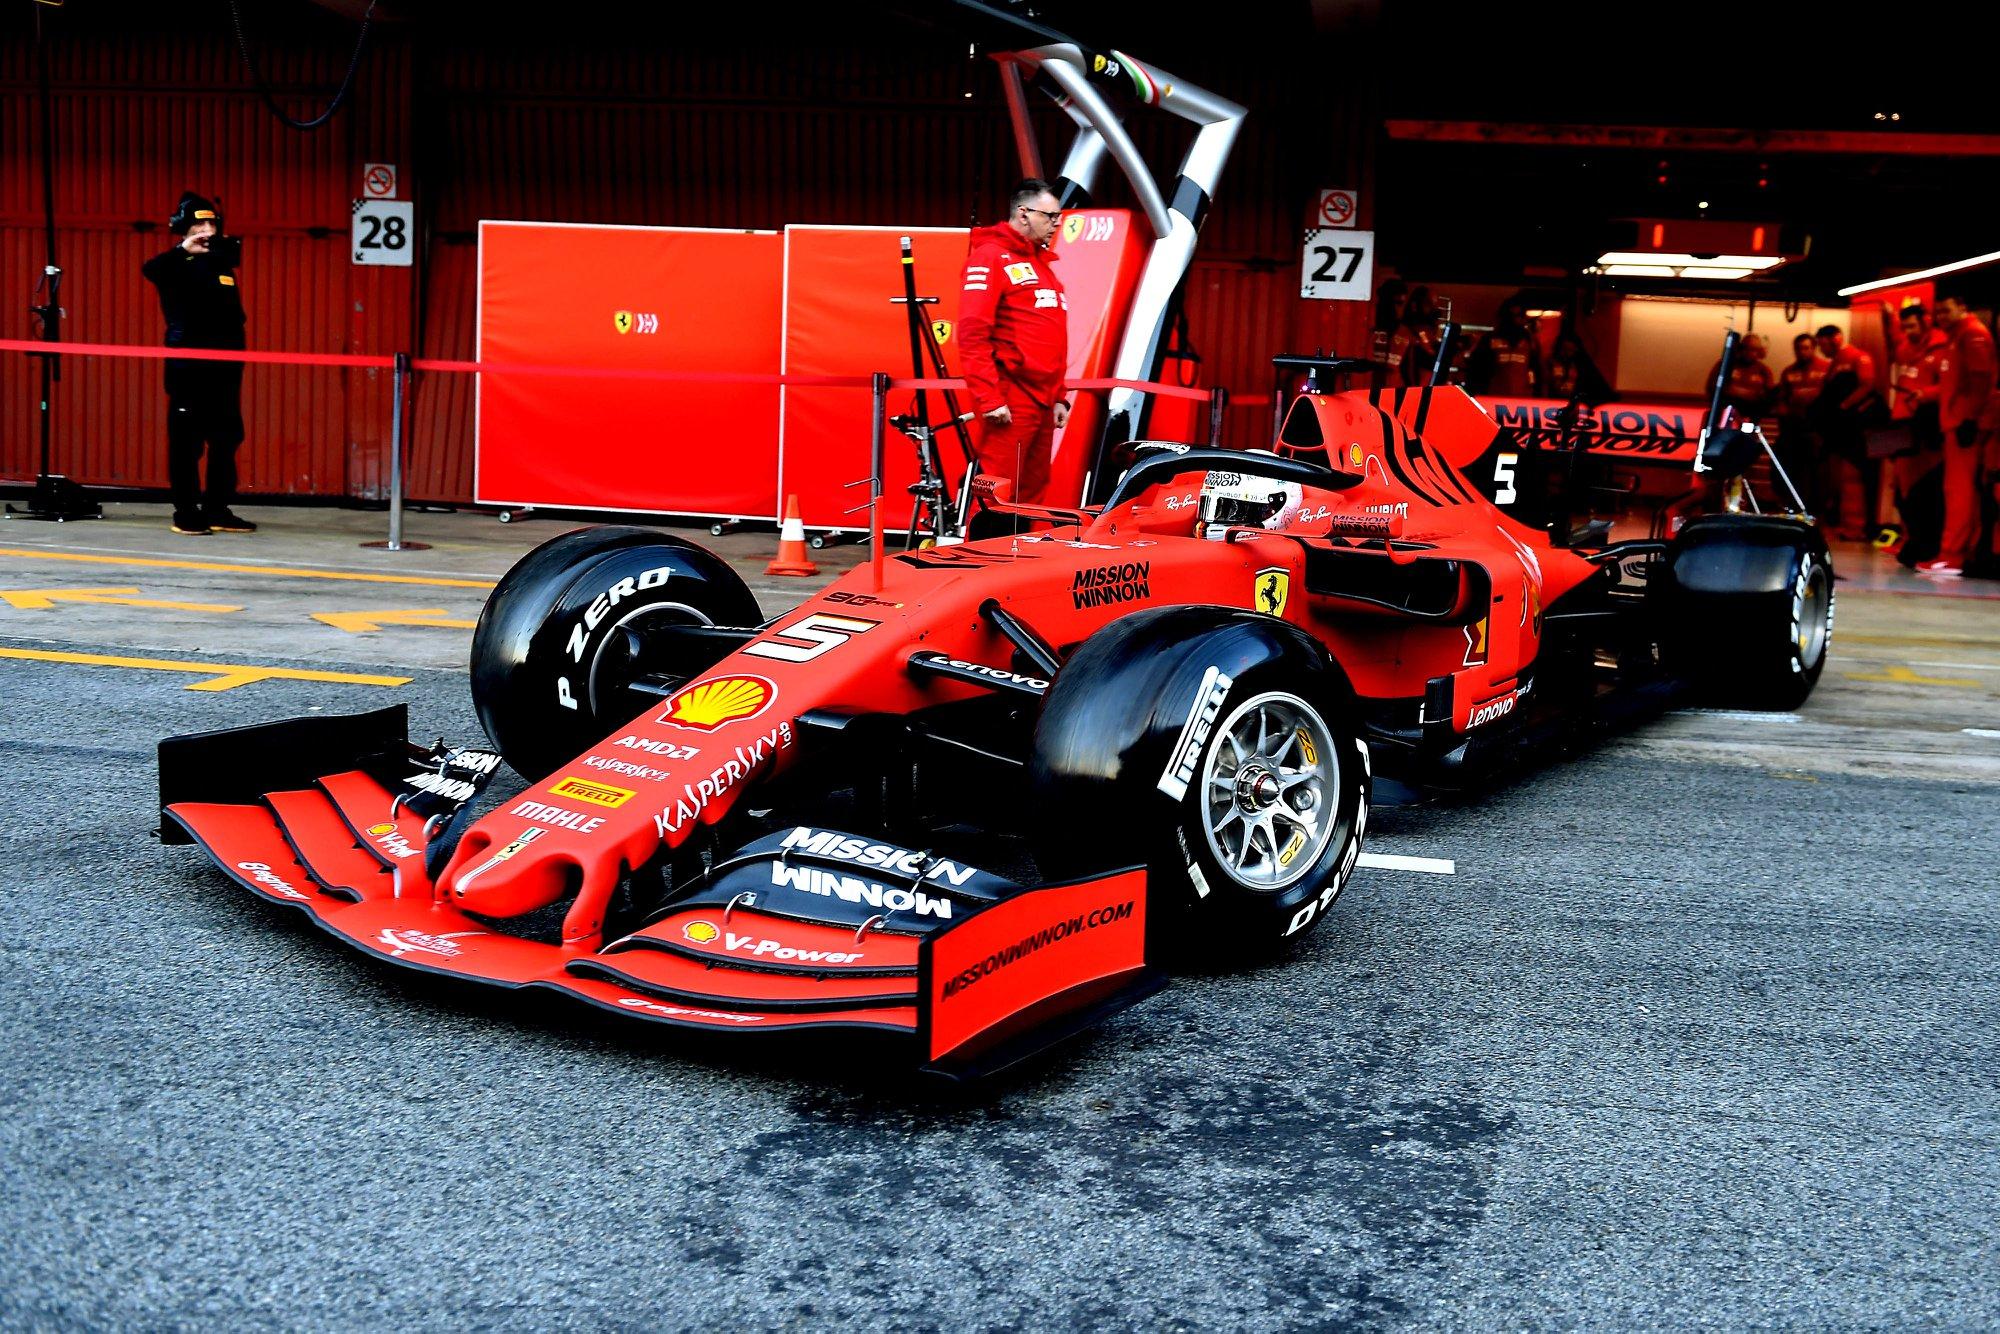 Pirmuosius F-1 bandymus Barselonoje geriausiai pradėjo S. Vettelis